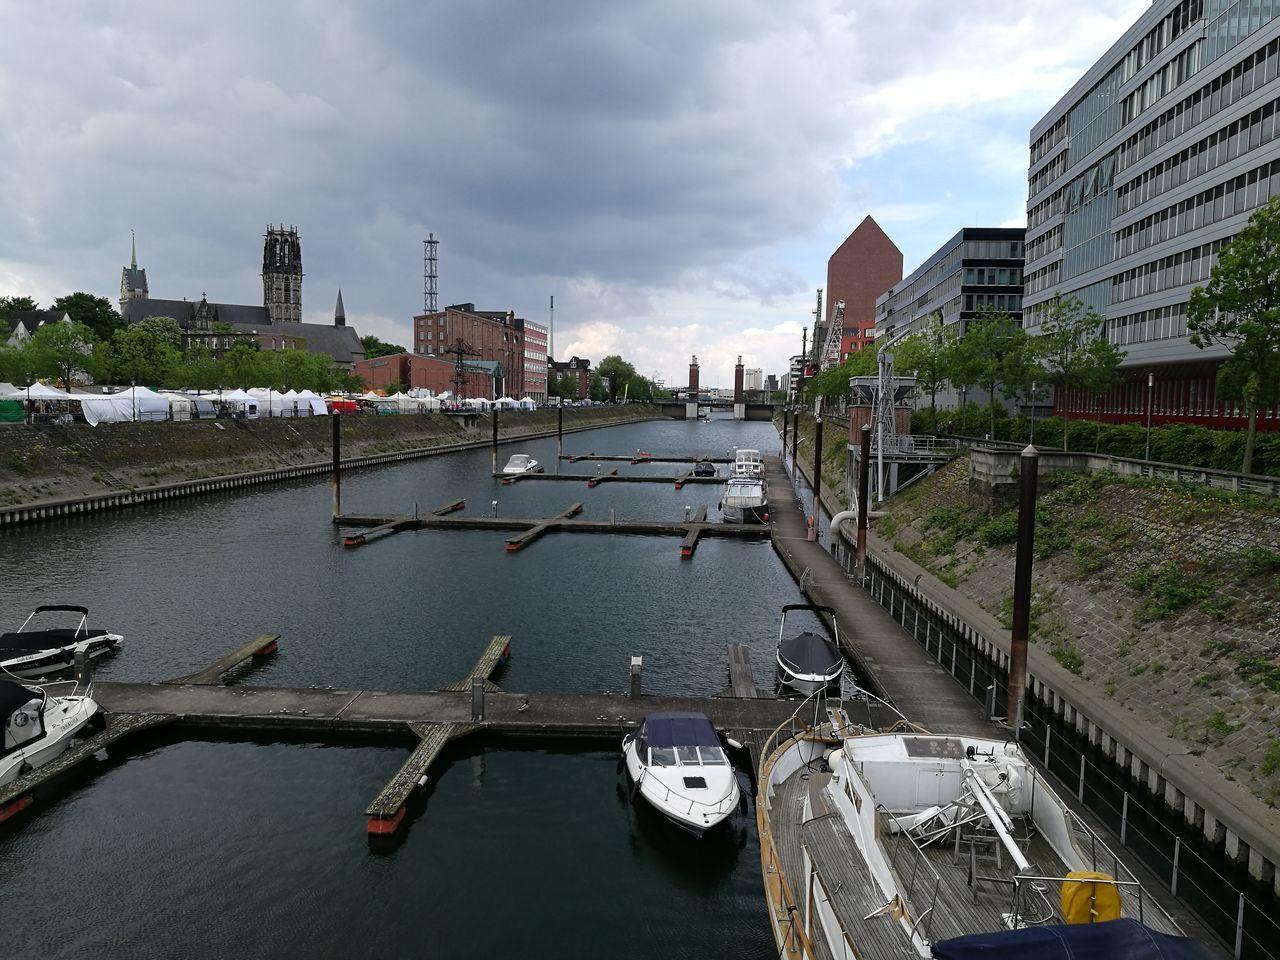 Marina Markt Duisburg Duisburg Innenhafen Duisburg Duisburg   Germany Marina Market Clouds And Sky Clouds Ship Ships River